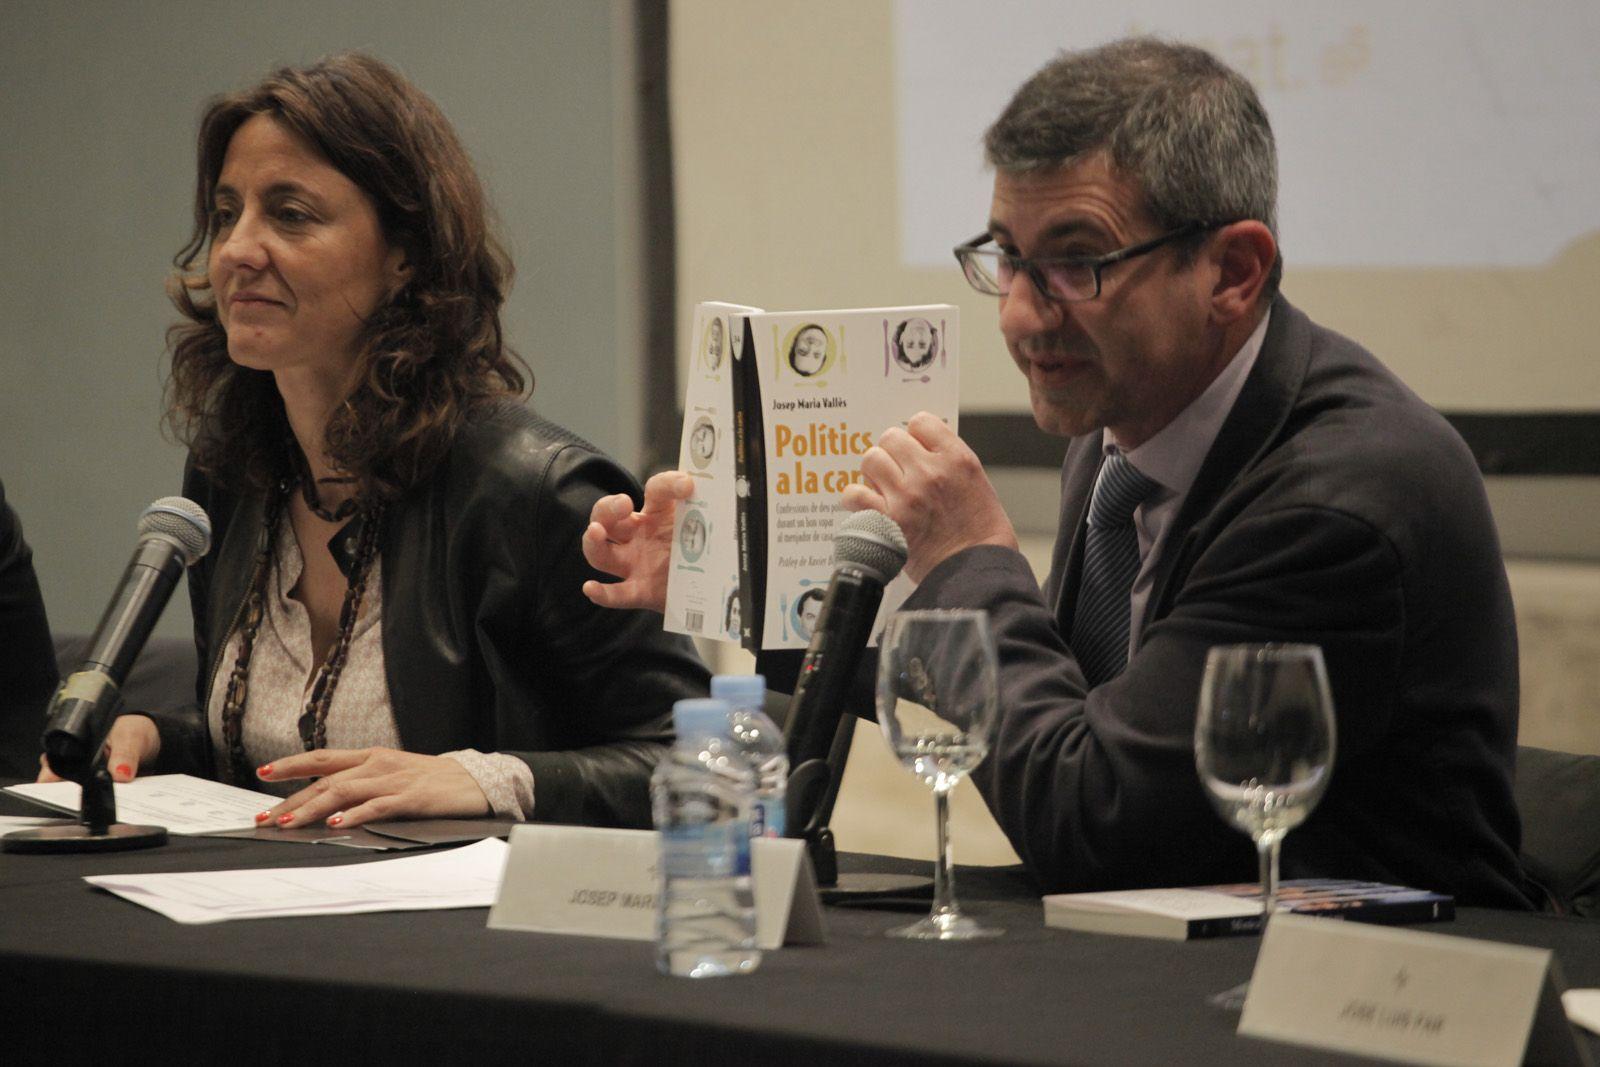 Conesa, una de les protagonistes del llibre i de la presentació. FOTO: Artur Ribera